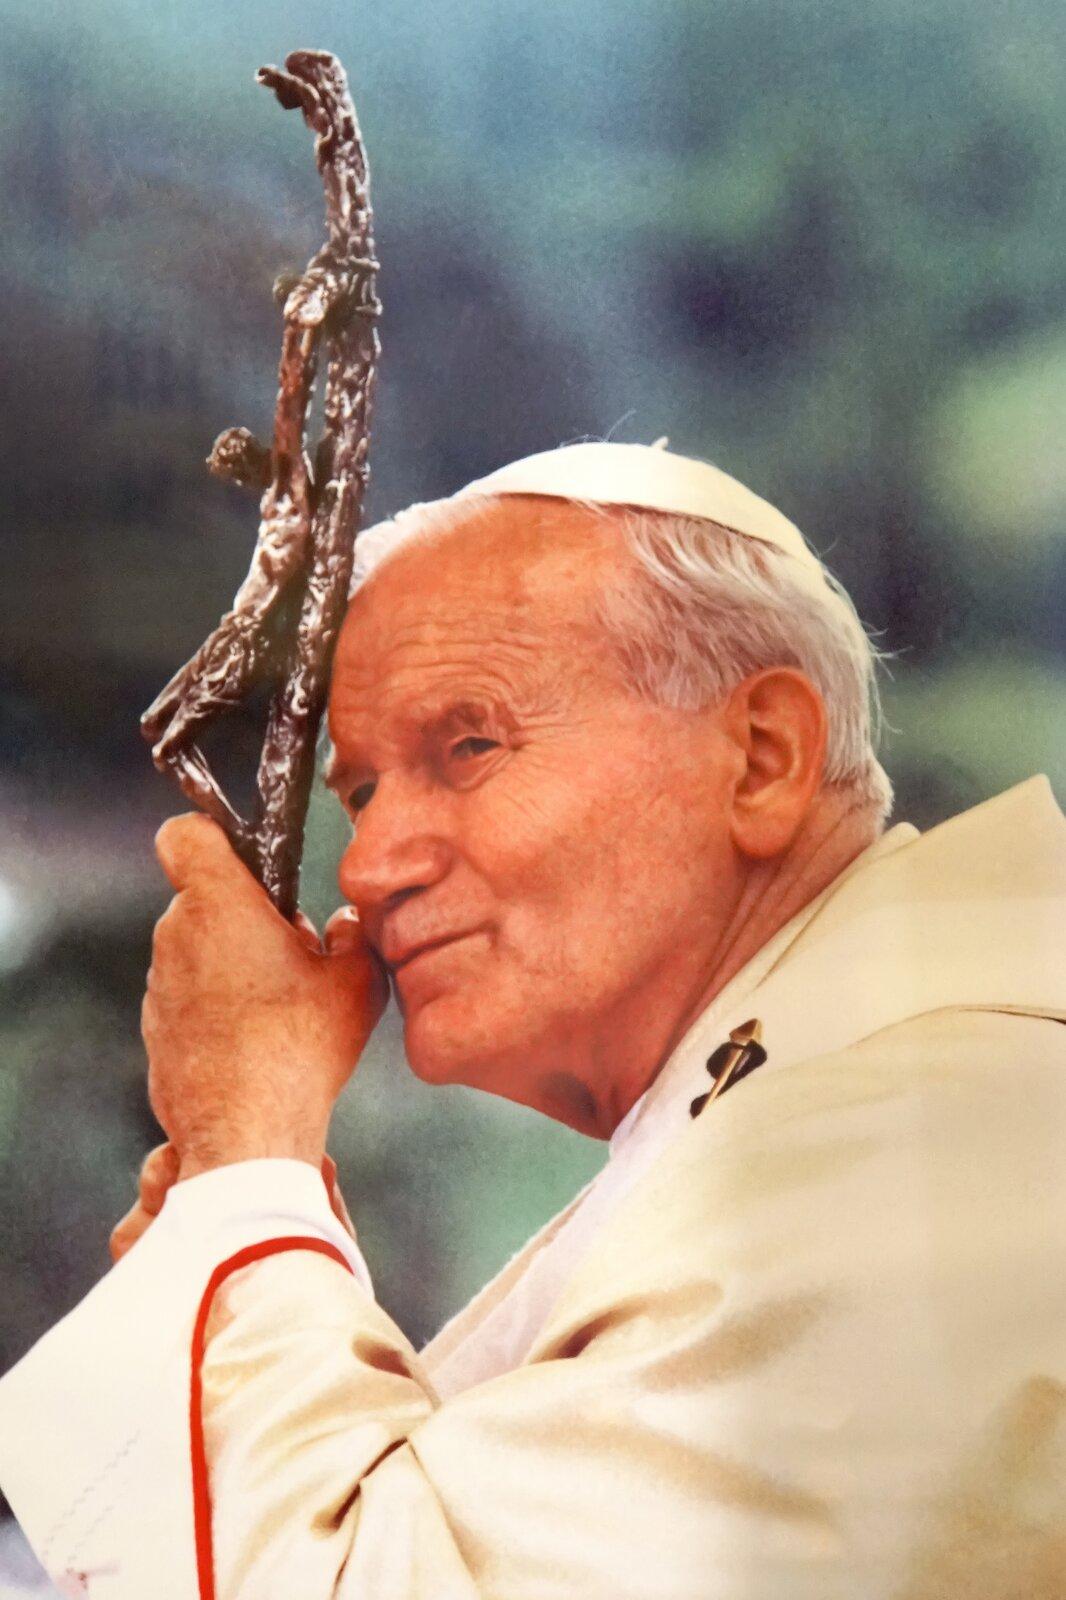 Jan Paweł II Źródło: Dennis Jarvis, Jan Paweł II, fotografia, licencja: CC BY-SA 3.0.